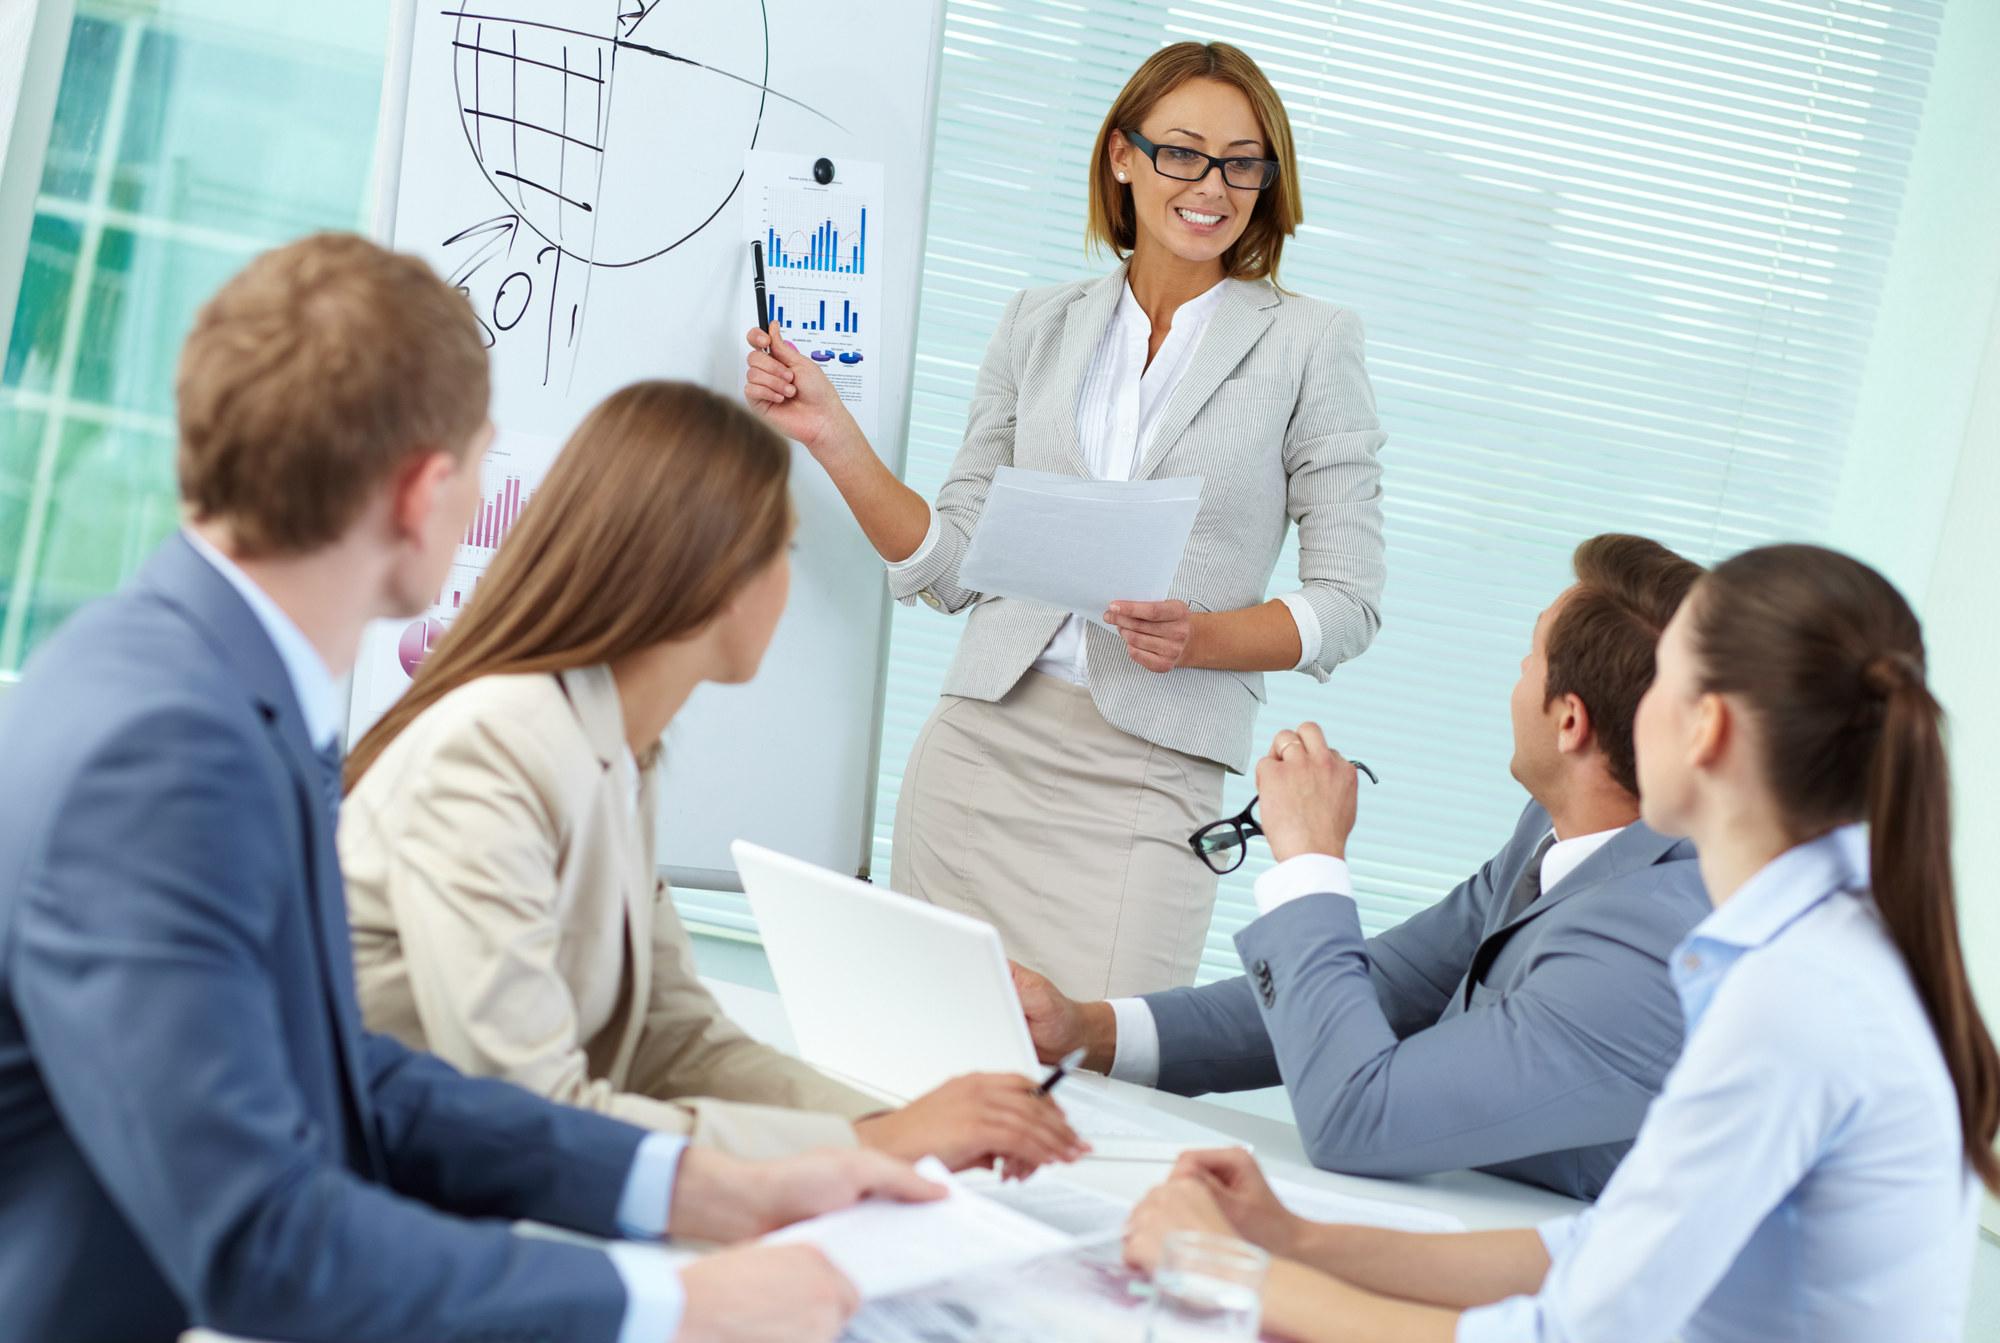 На фото – женщина ведет обучение группы